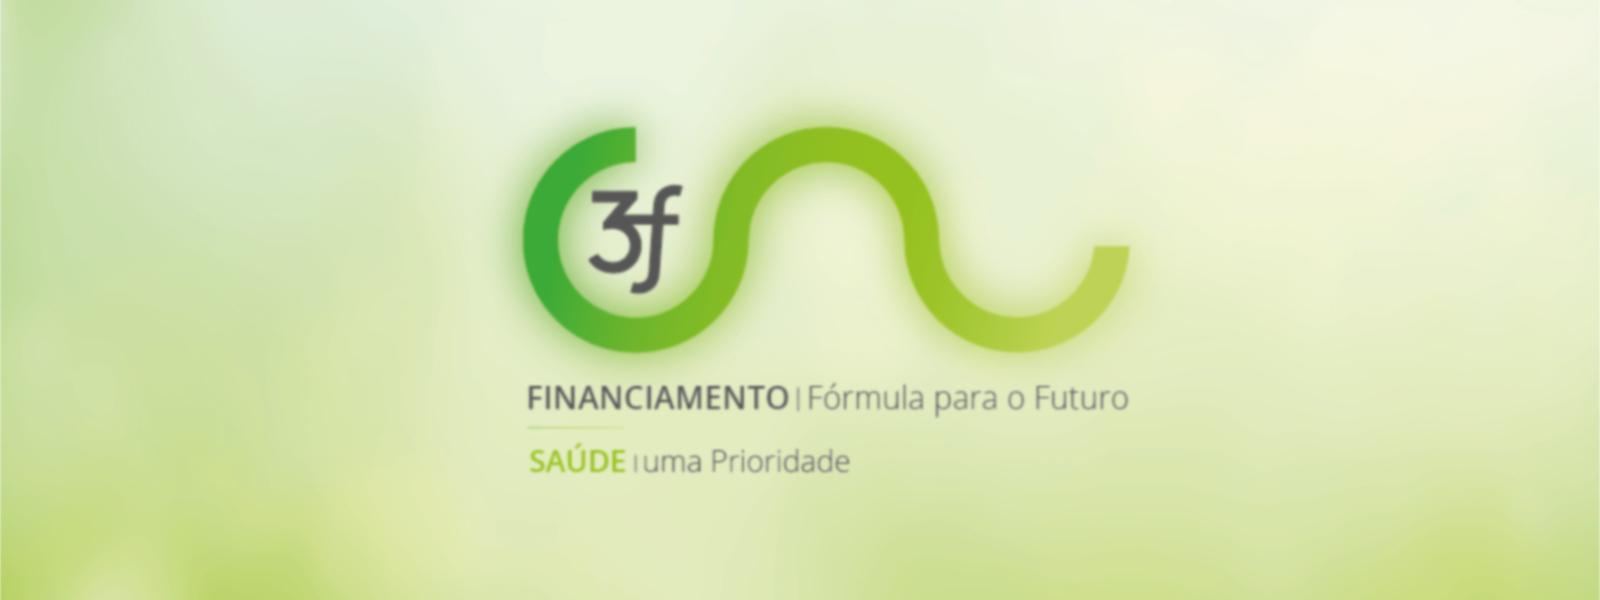 financiamento fórmula para o futuro para os hospitais